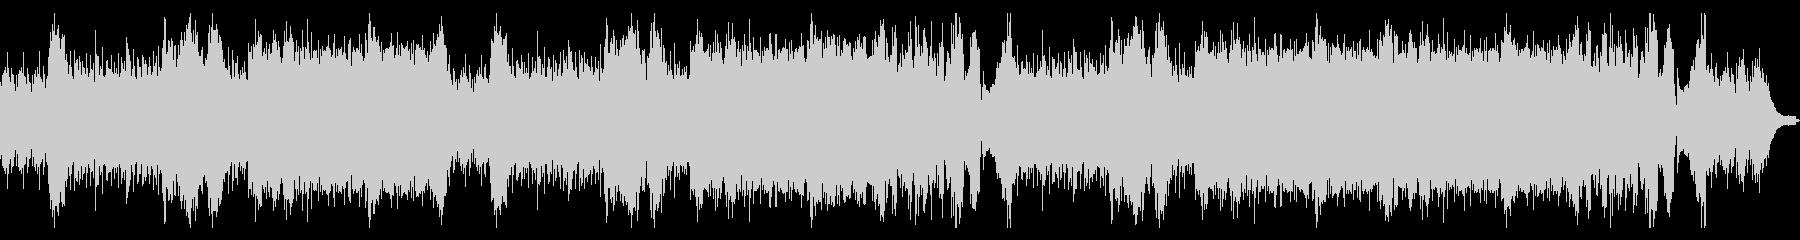 ピアノソロによる戦闘用BGMの未再生の波形